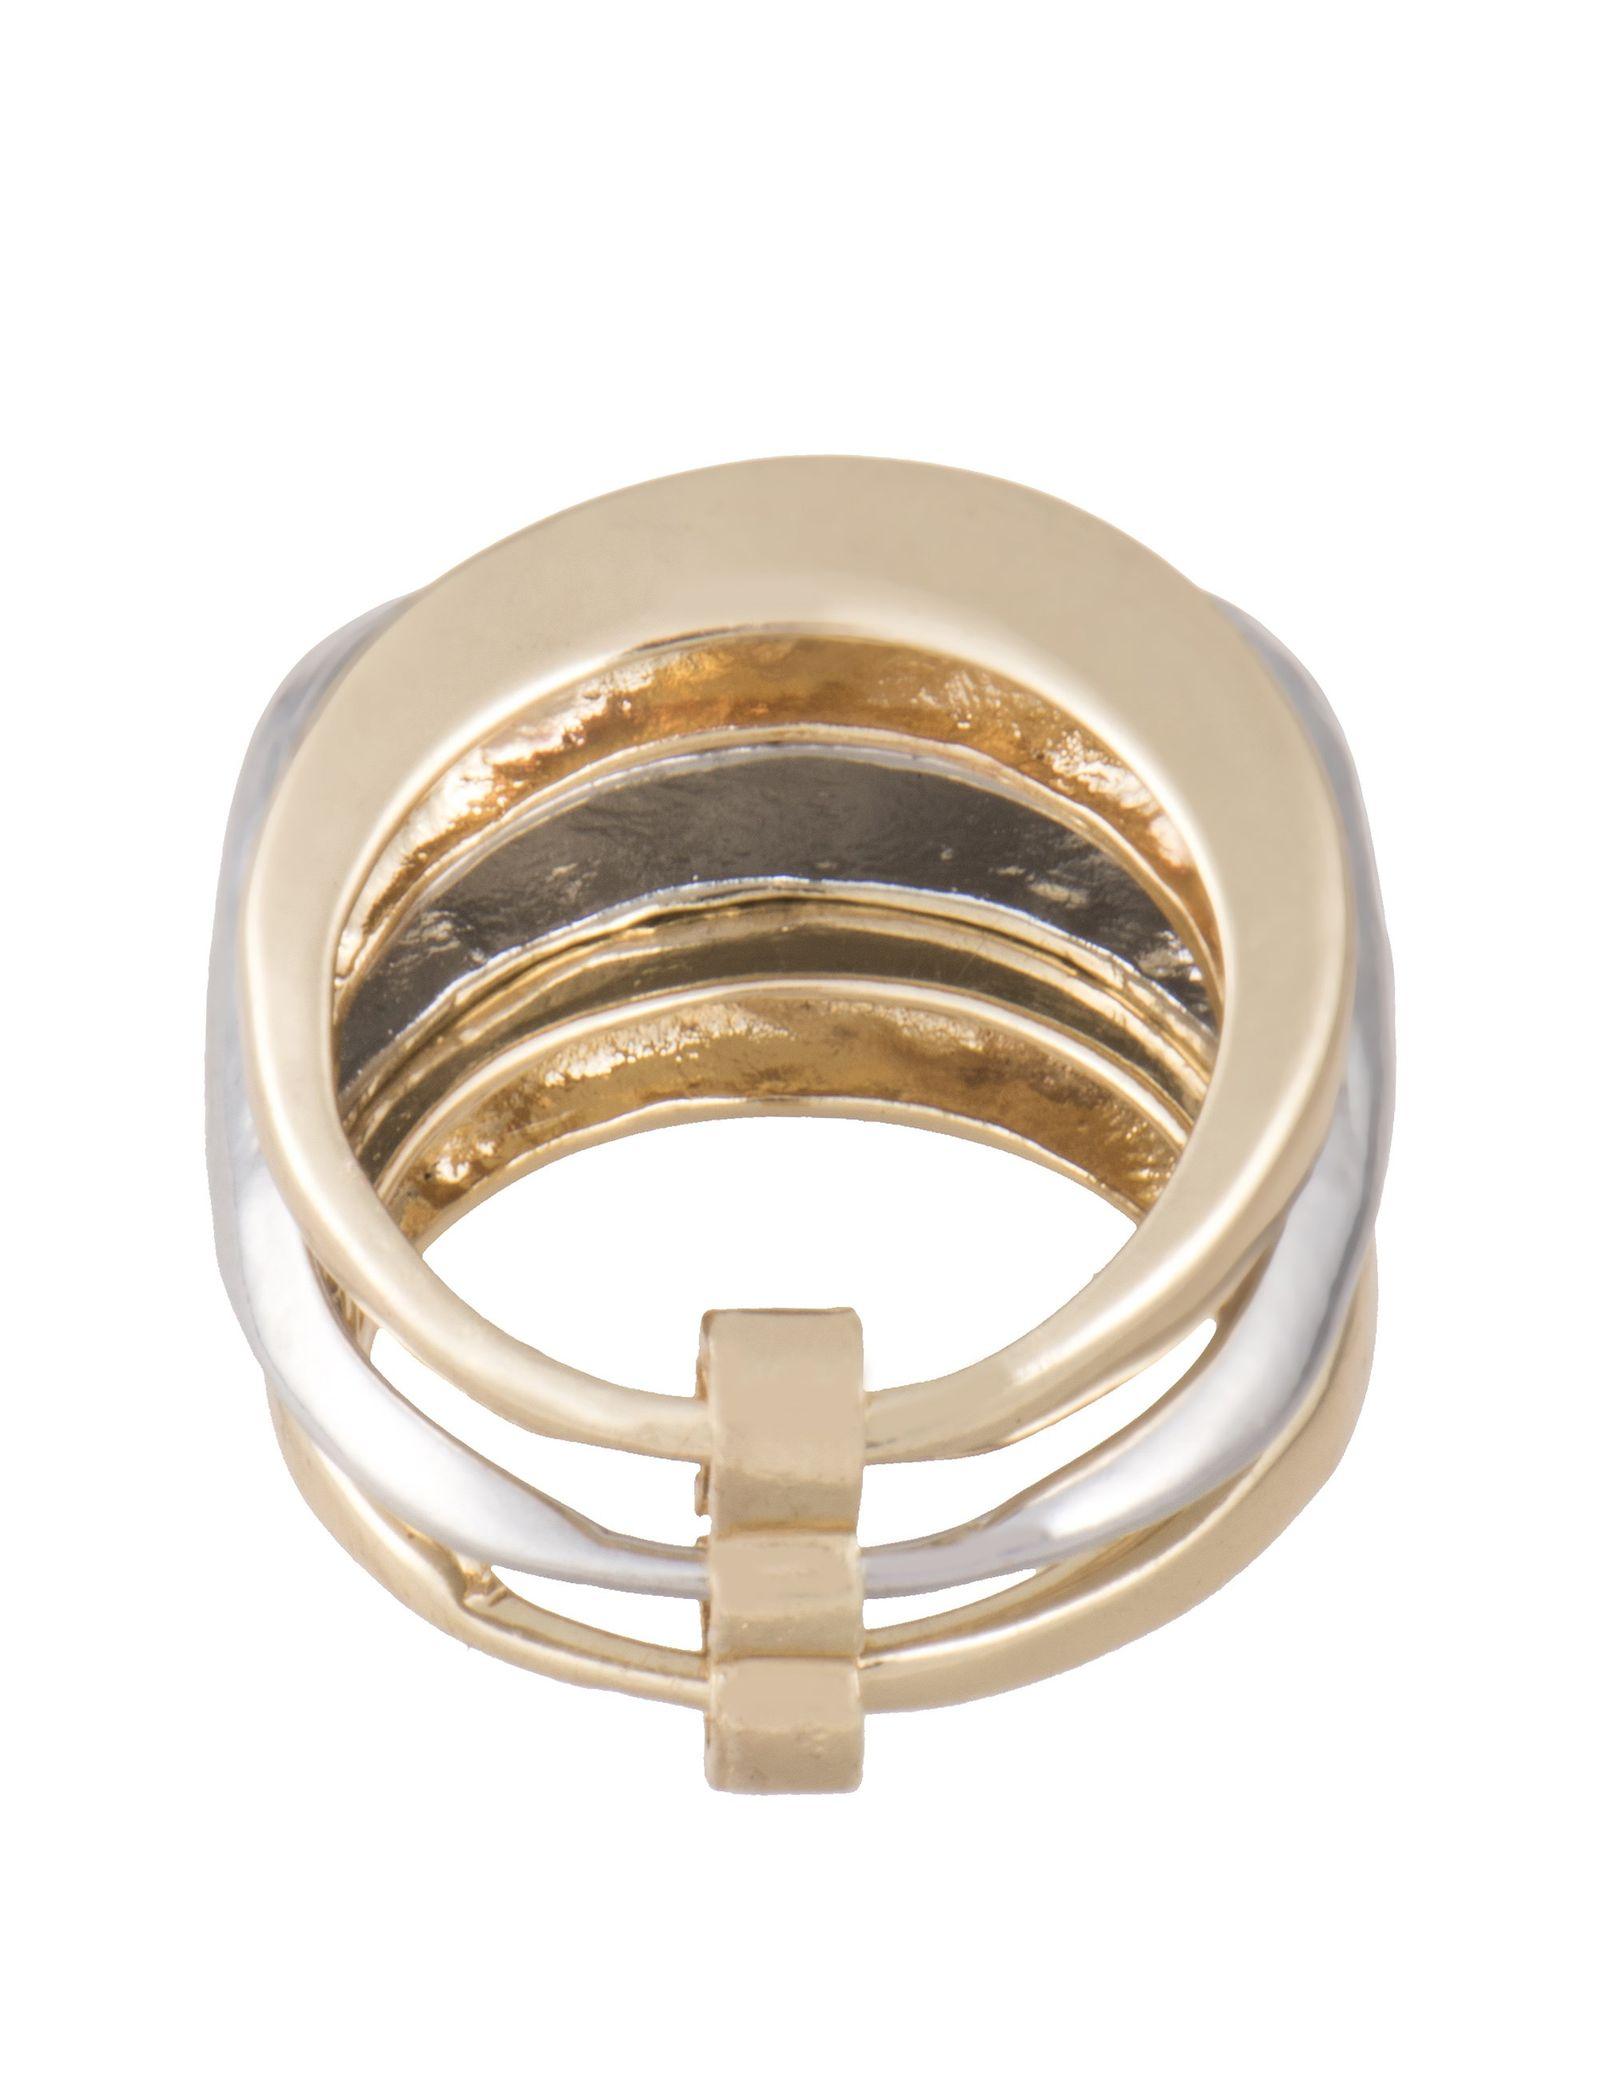 انگشتر زنانه - پارفوا - طلايي - 3